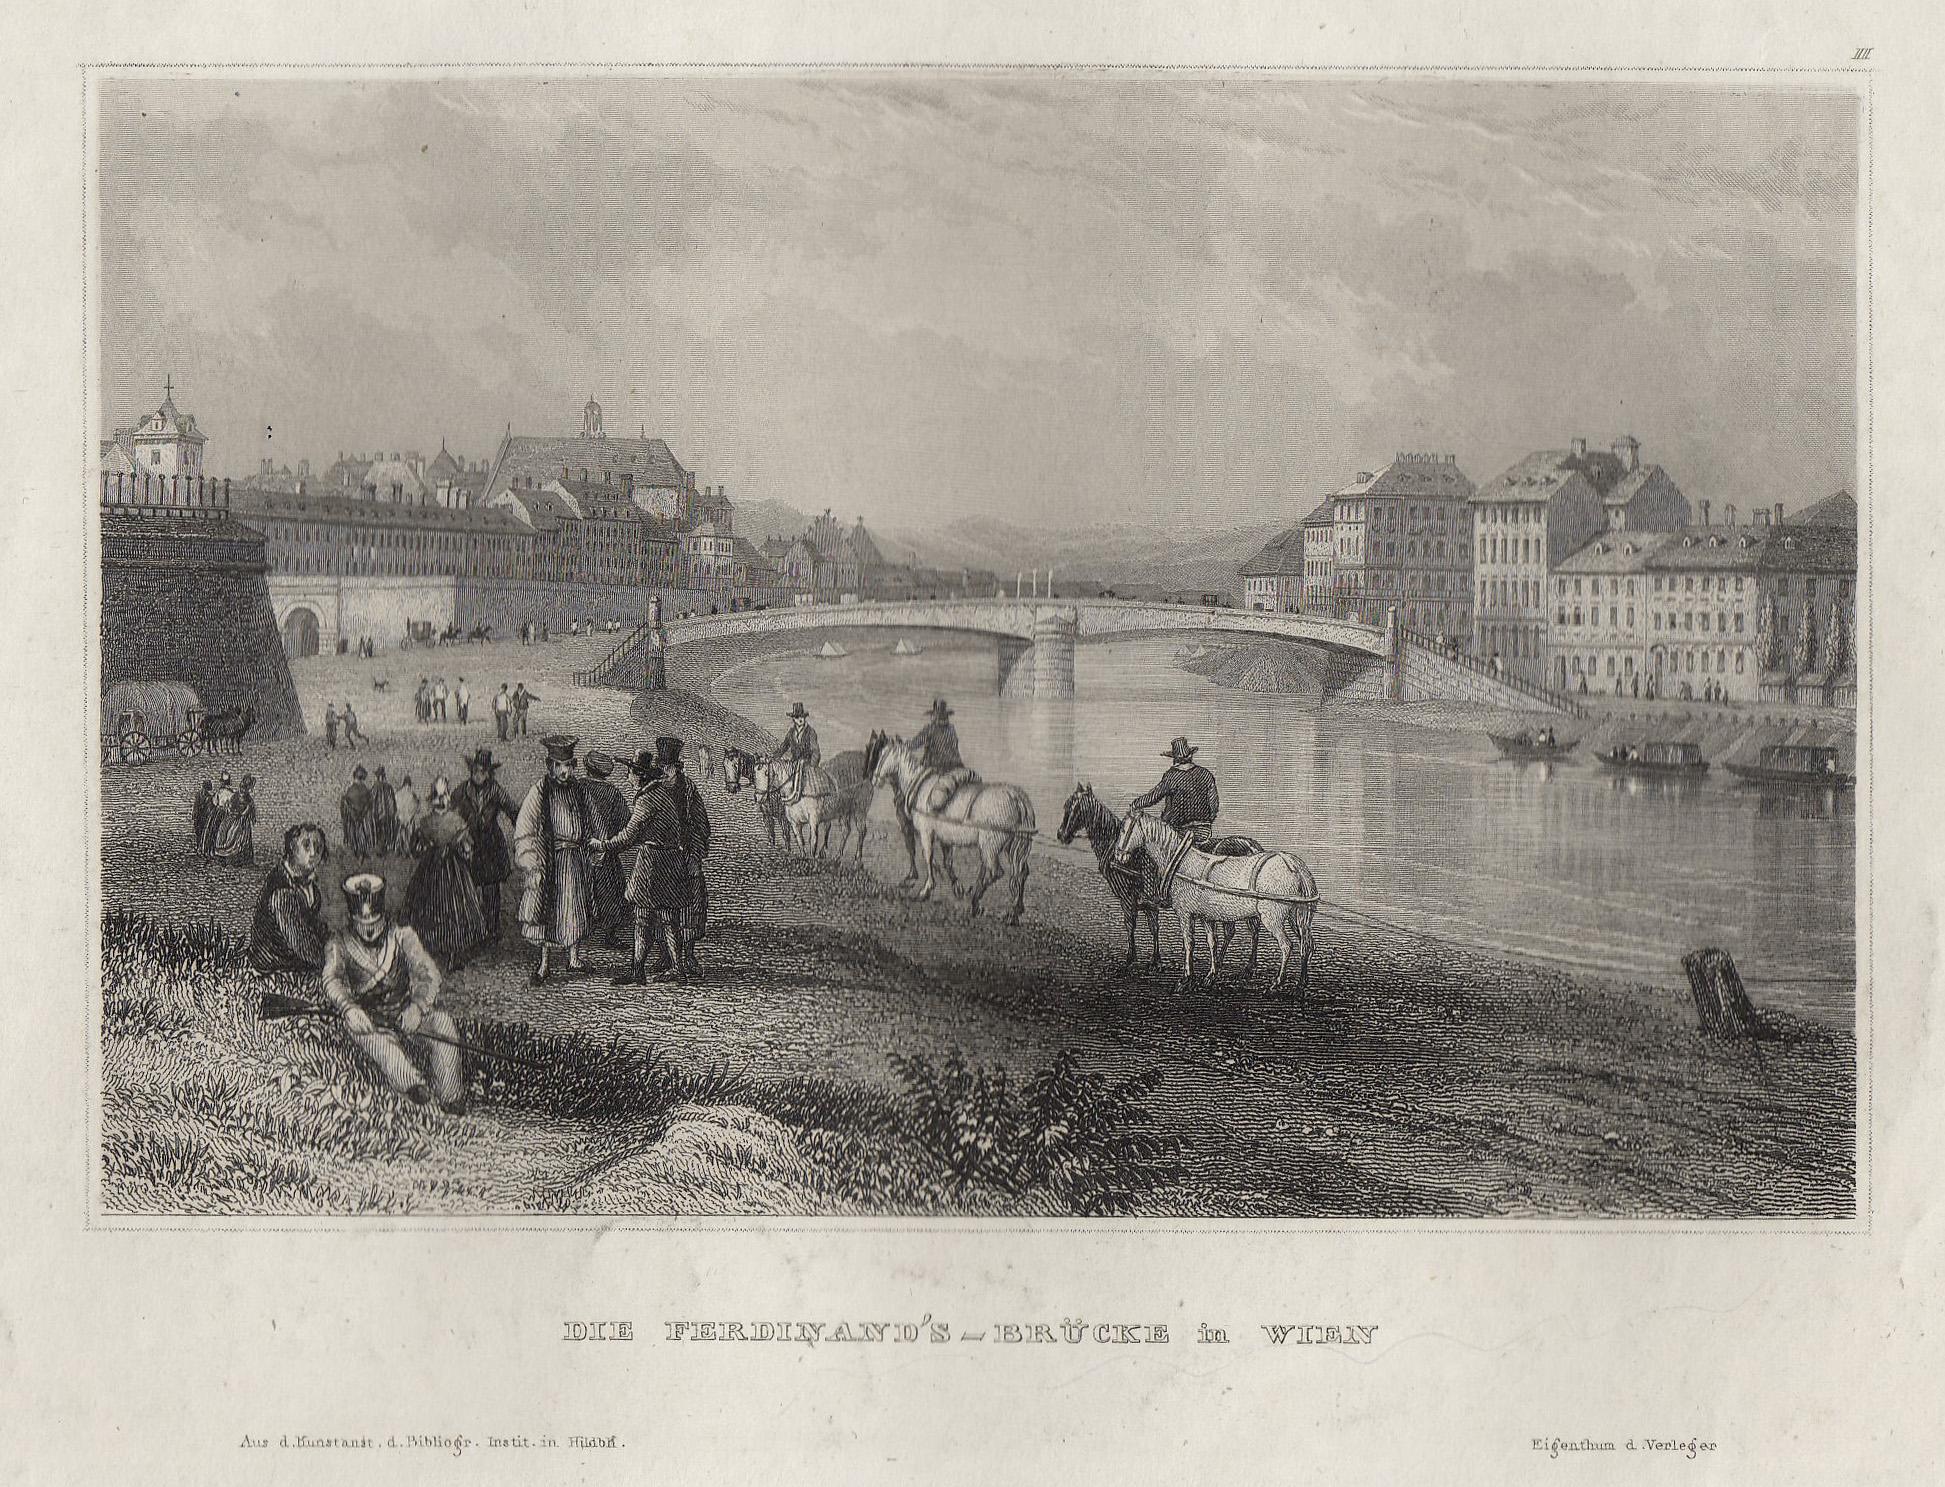 TA., Schwedenbrücke ( Ferdinandsbrücke ), links die: Wien ( Vienna